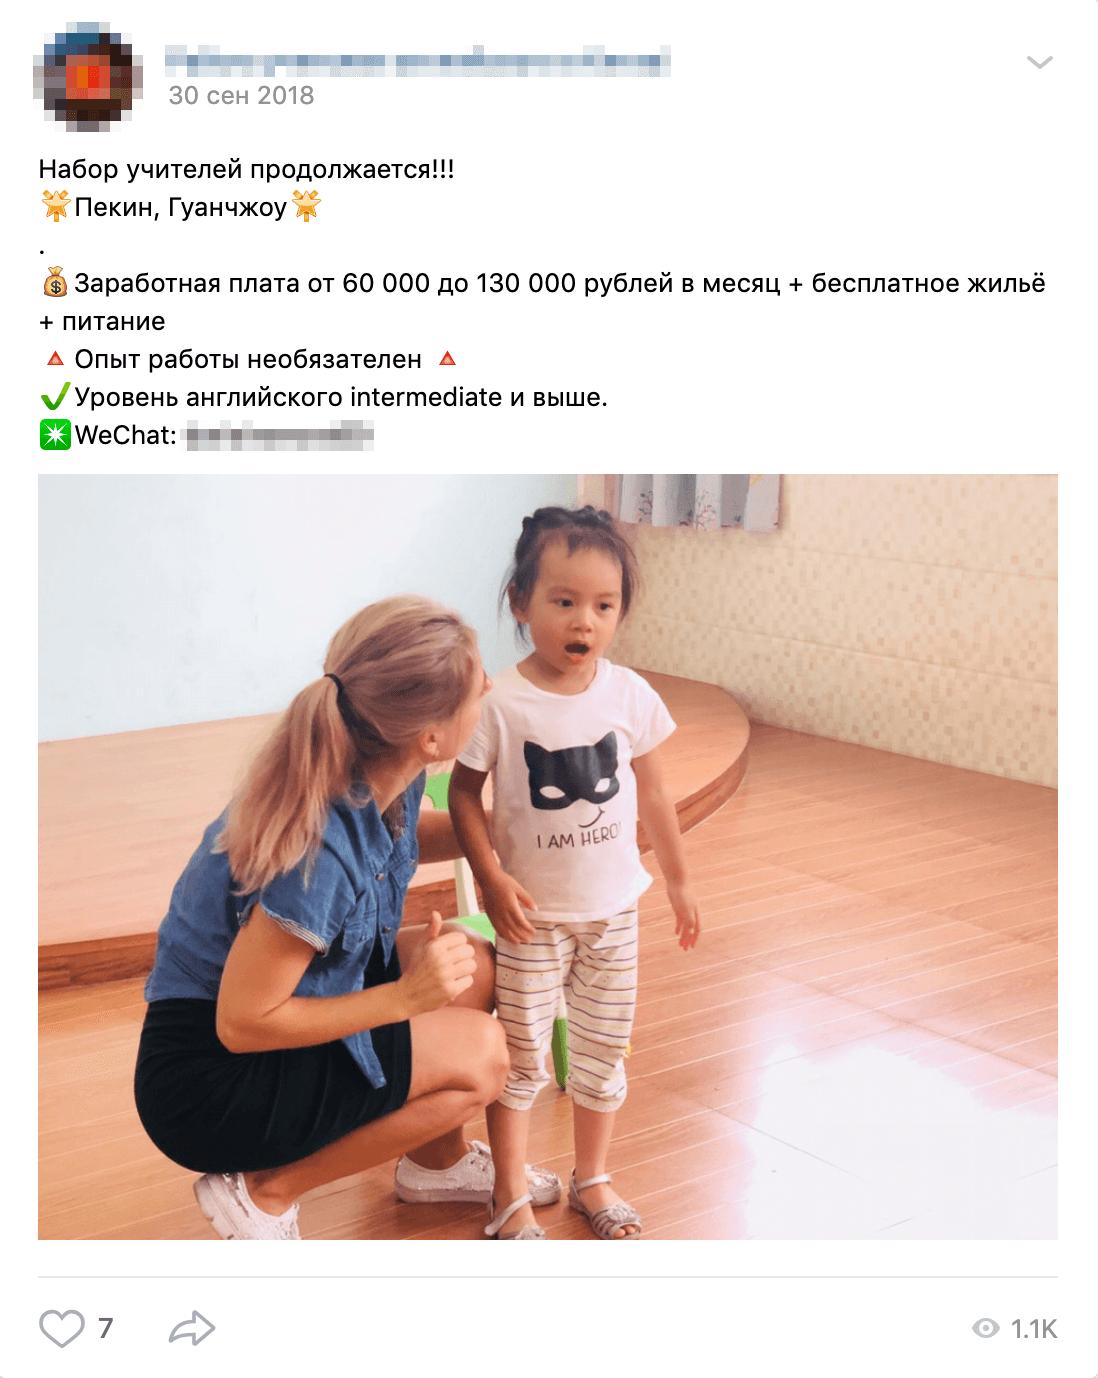 Описание требований к учителю английского языка из группы во Вконтакте